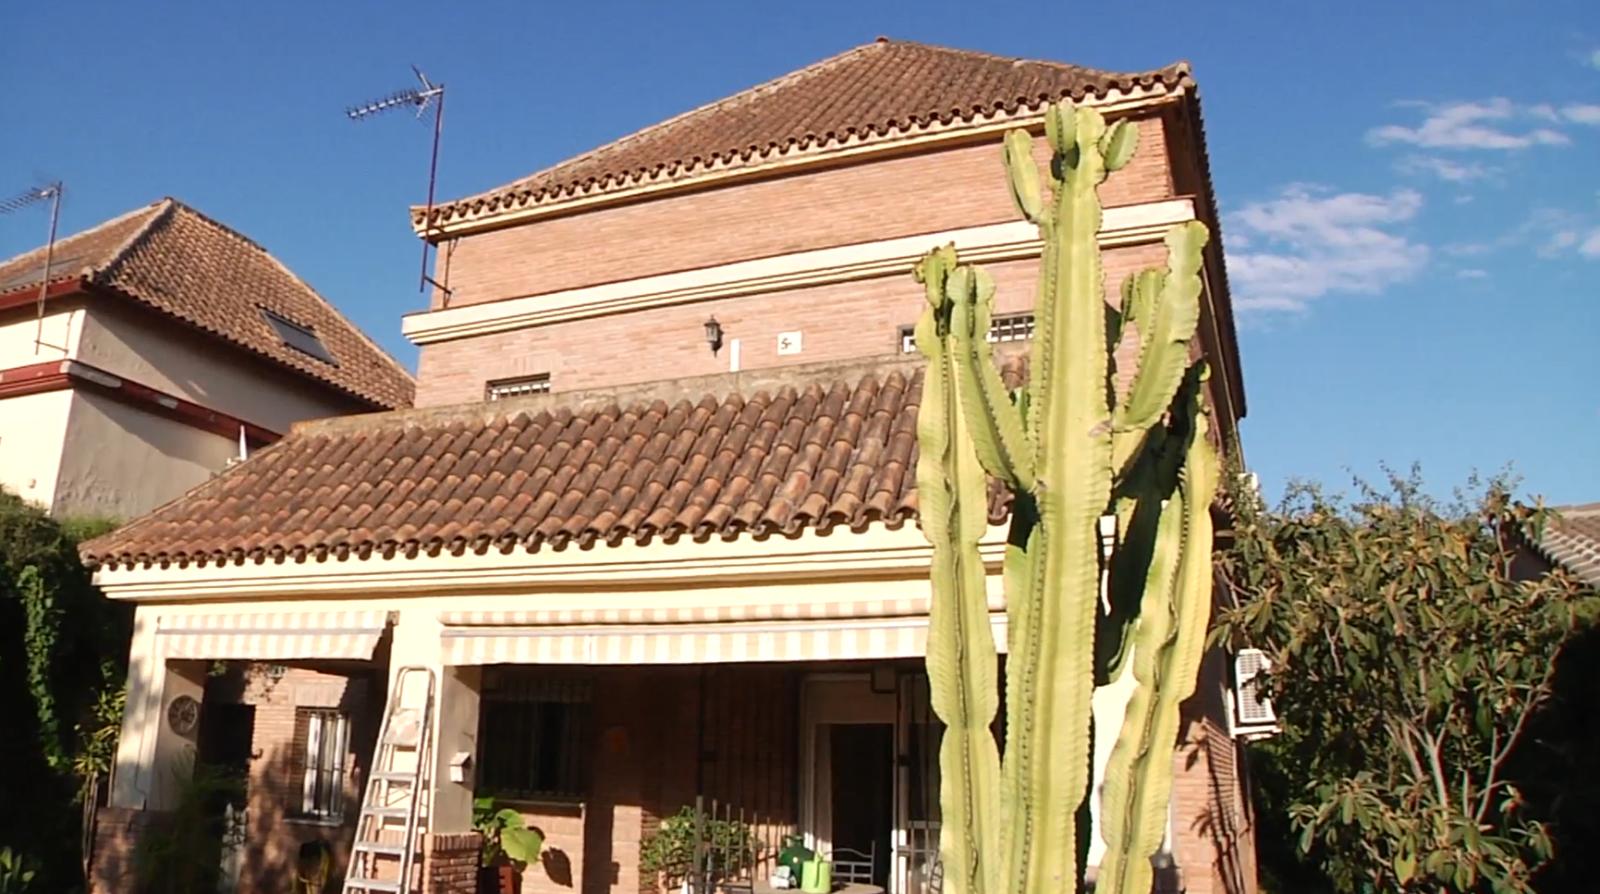 Comando Actualidad - Sube un 40% la búsqueda de viviendas con terraza o jardín